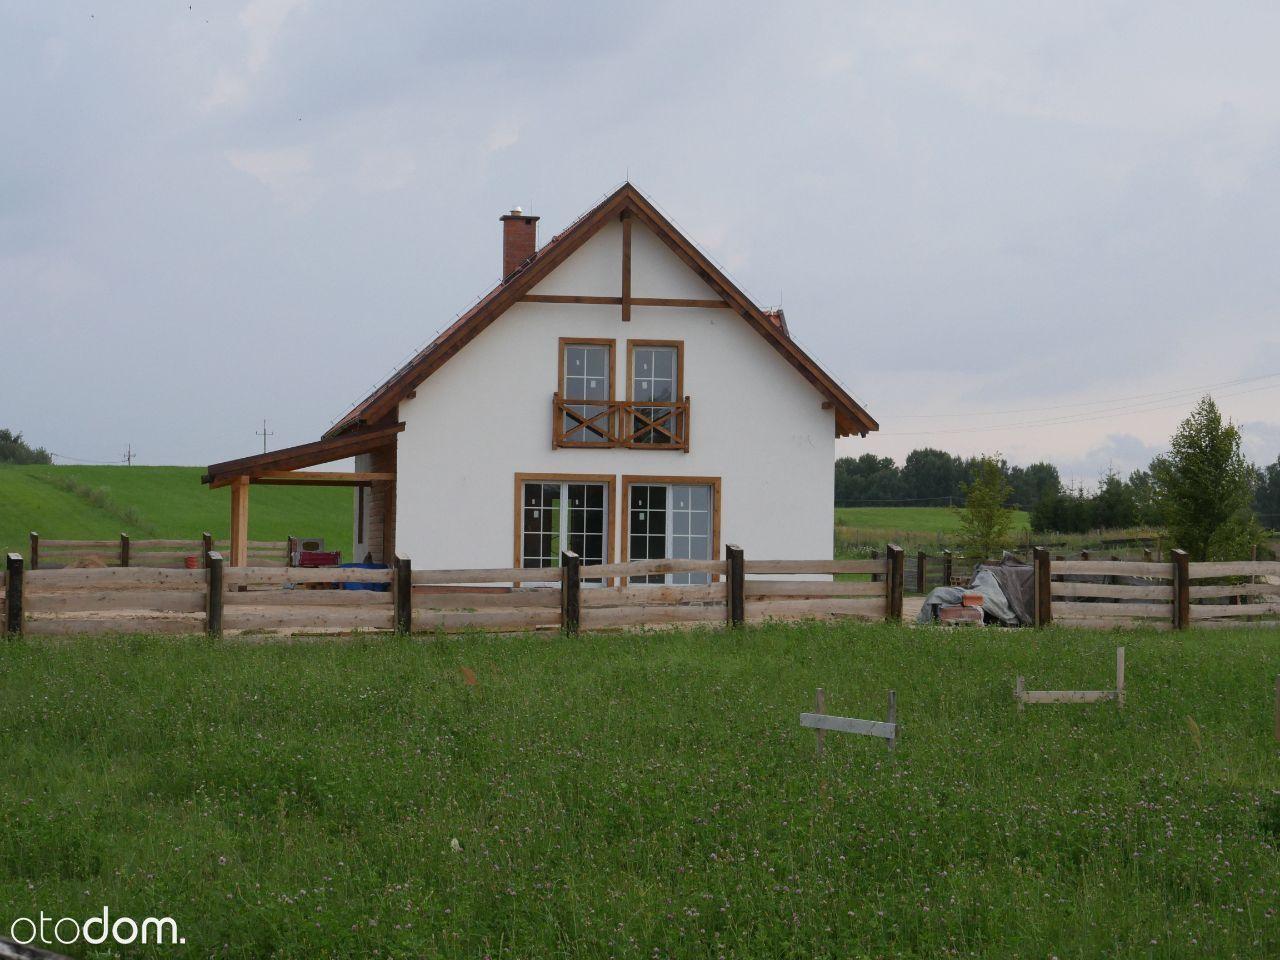 Mazurski przestronny dom w Starych Sadach